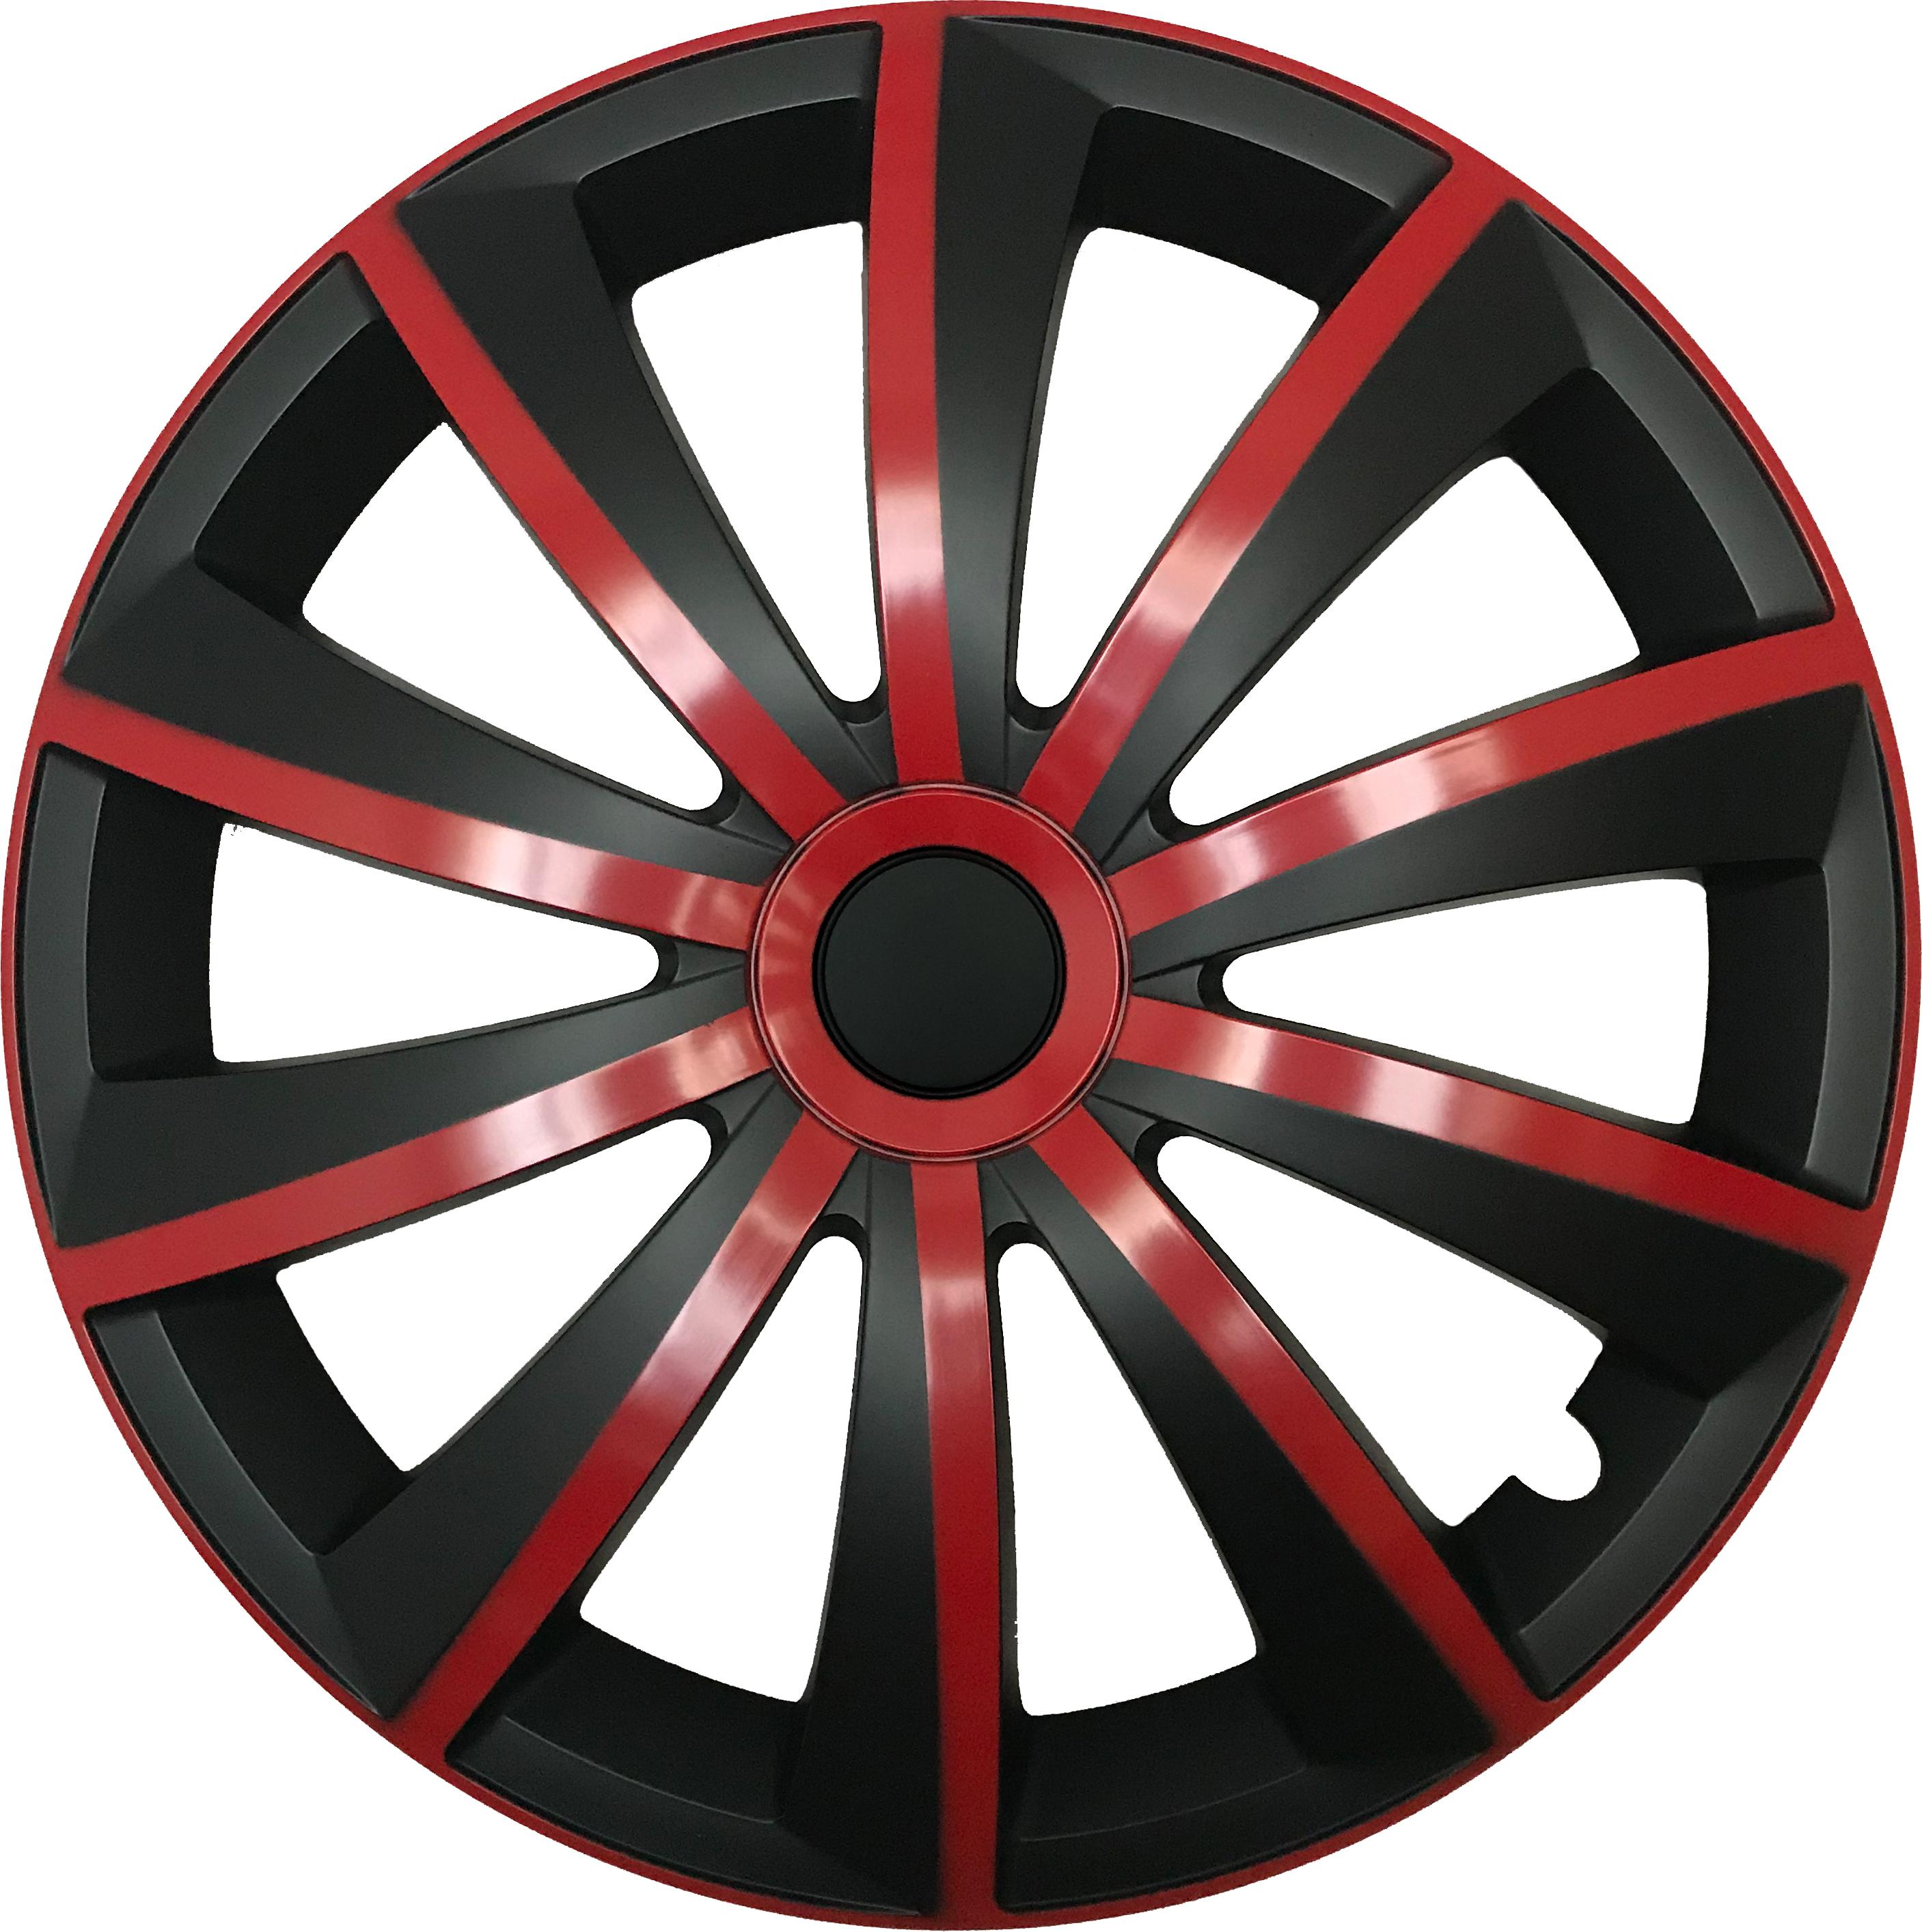 radkappen gral rot schwarz 16 zoll radzierblenden set. Black Bedroom Furniture Sets. Home Design Ideas